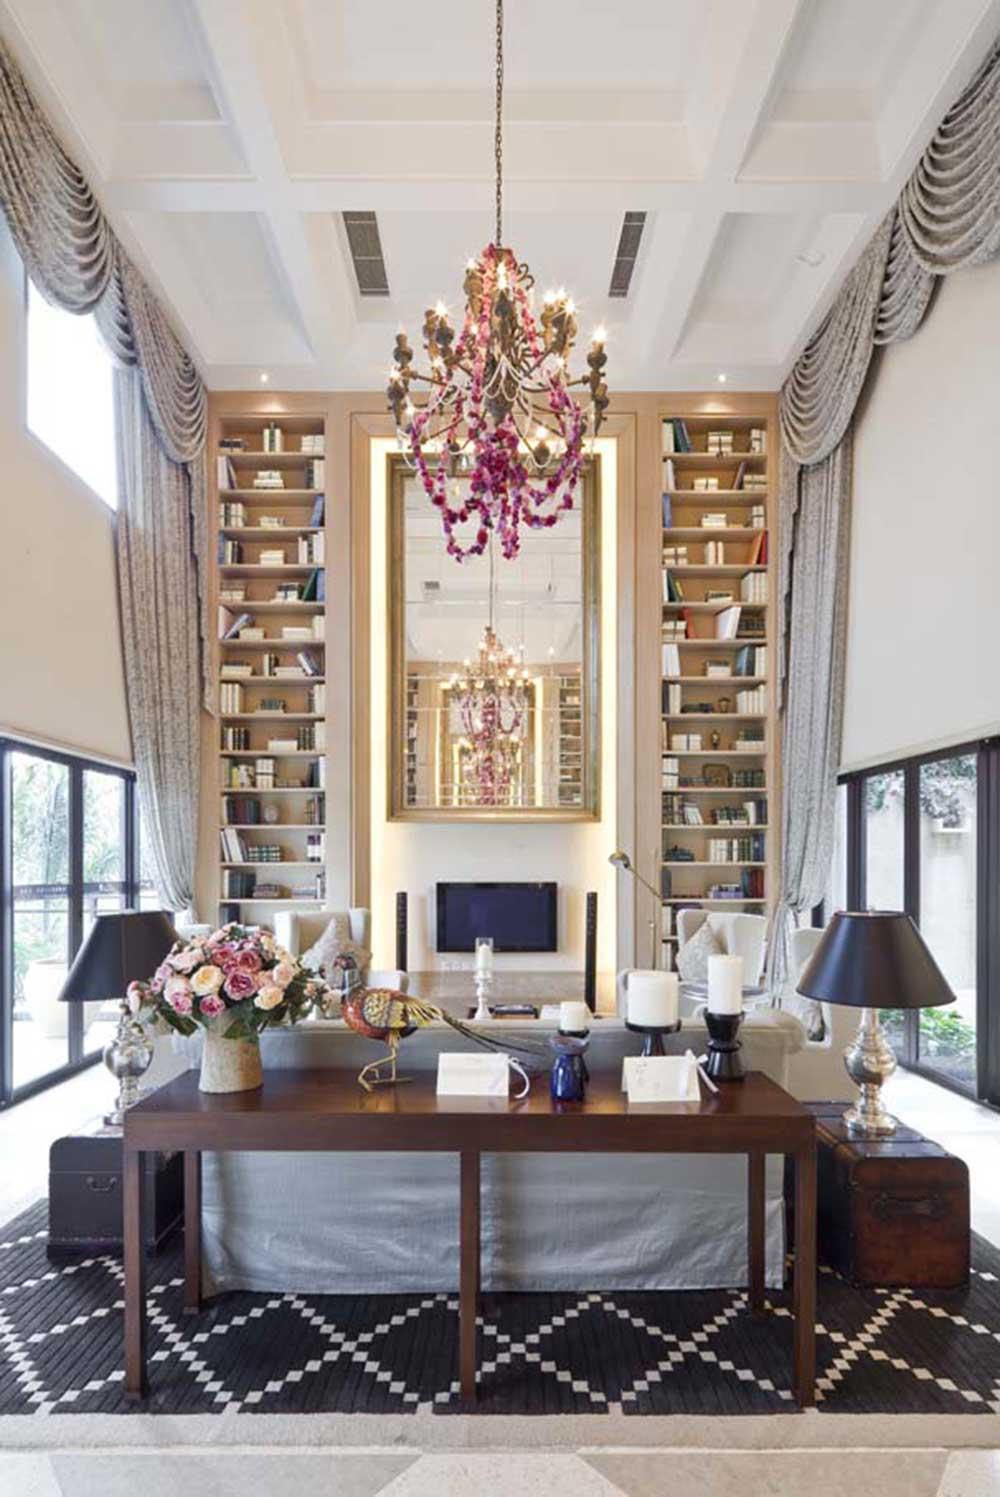 奢华精美混搭风格别墅客厅设计